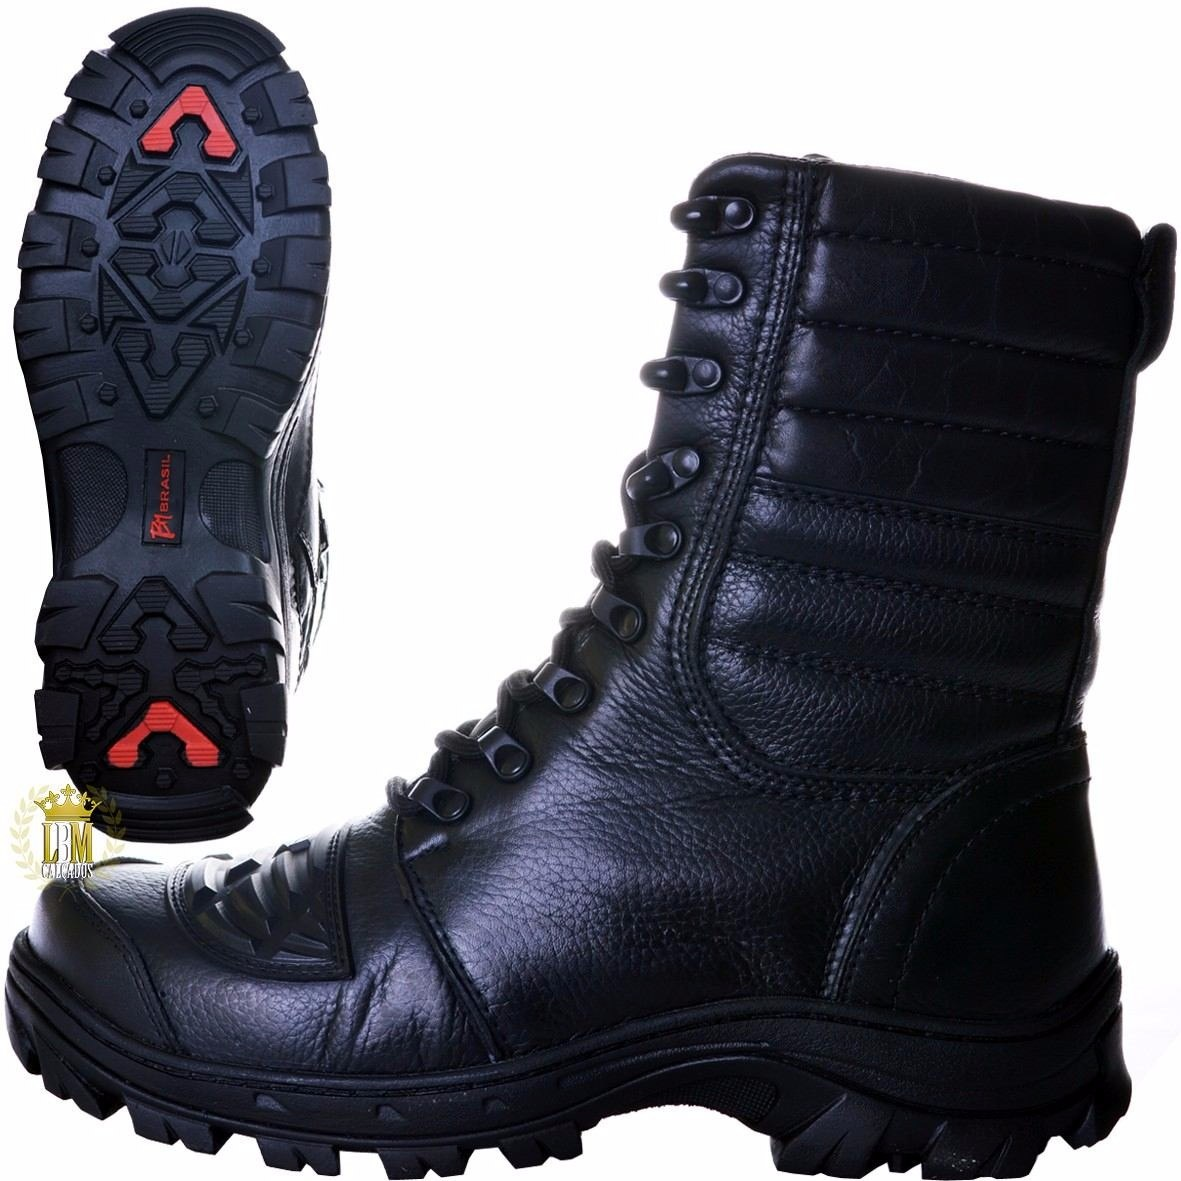 ac24600a5 bota coturno militar/motociclista/tático/promoção dos pais. Carregando zoom.